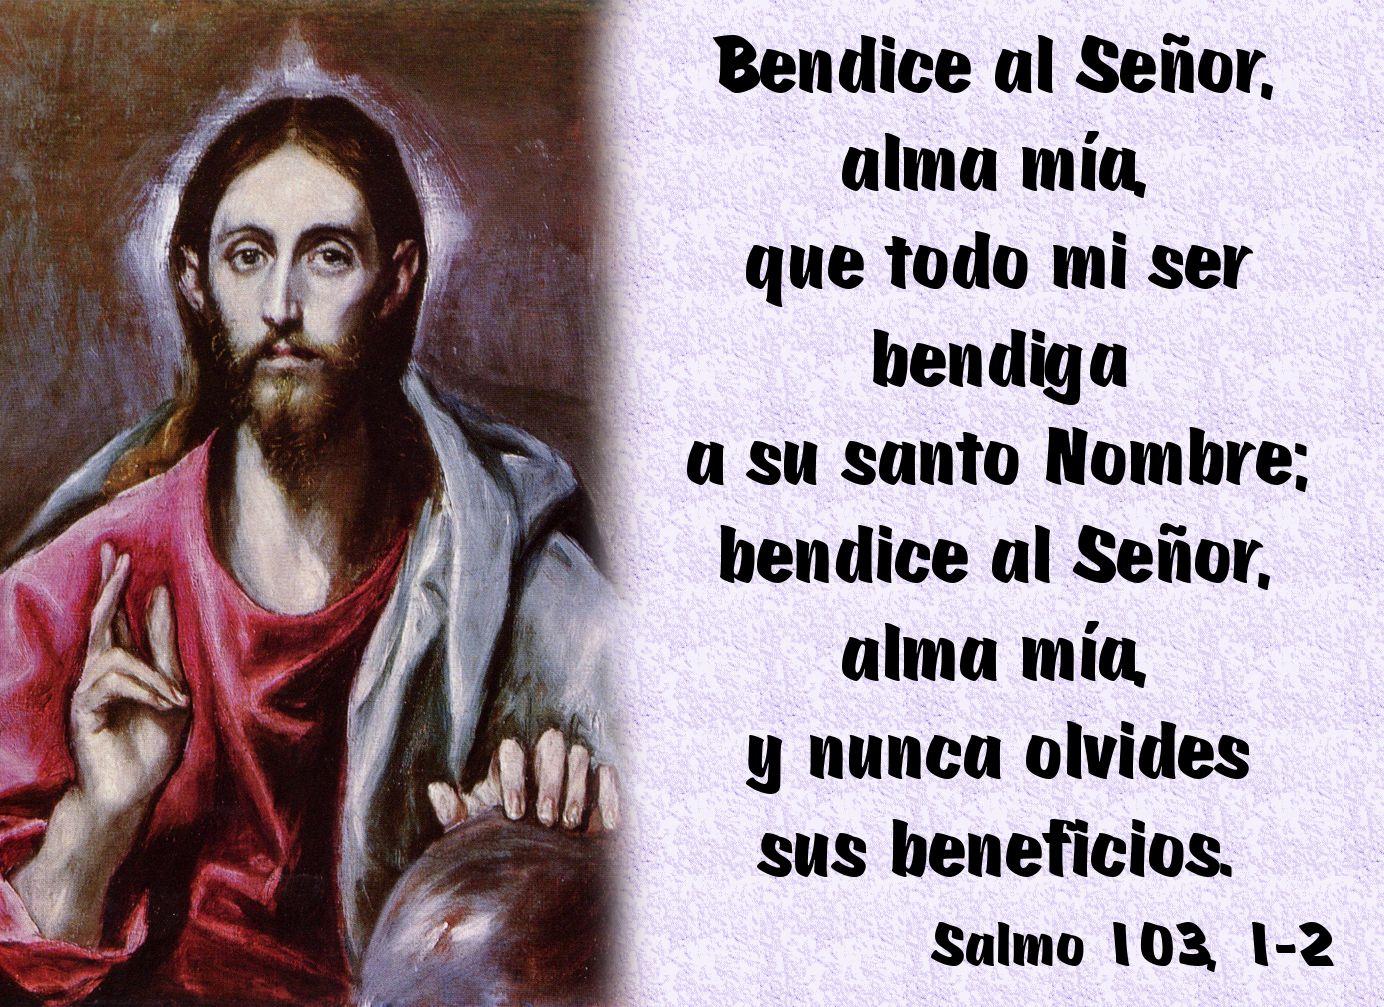 Bendice Al Señor Alma Mía Que Todo Mi Ser Bendiga A Su Santo Nombre Bendice Al Señor Alma Mía Y Nunca Olvides Sus Beneficios Salmos Dios Palabra De Dios